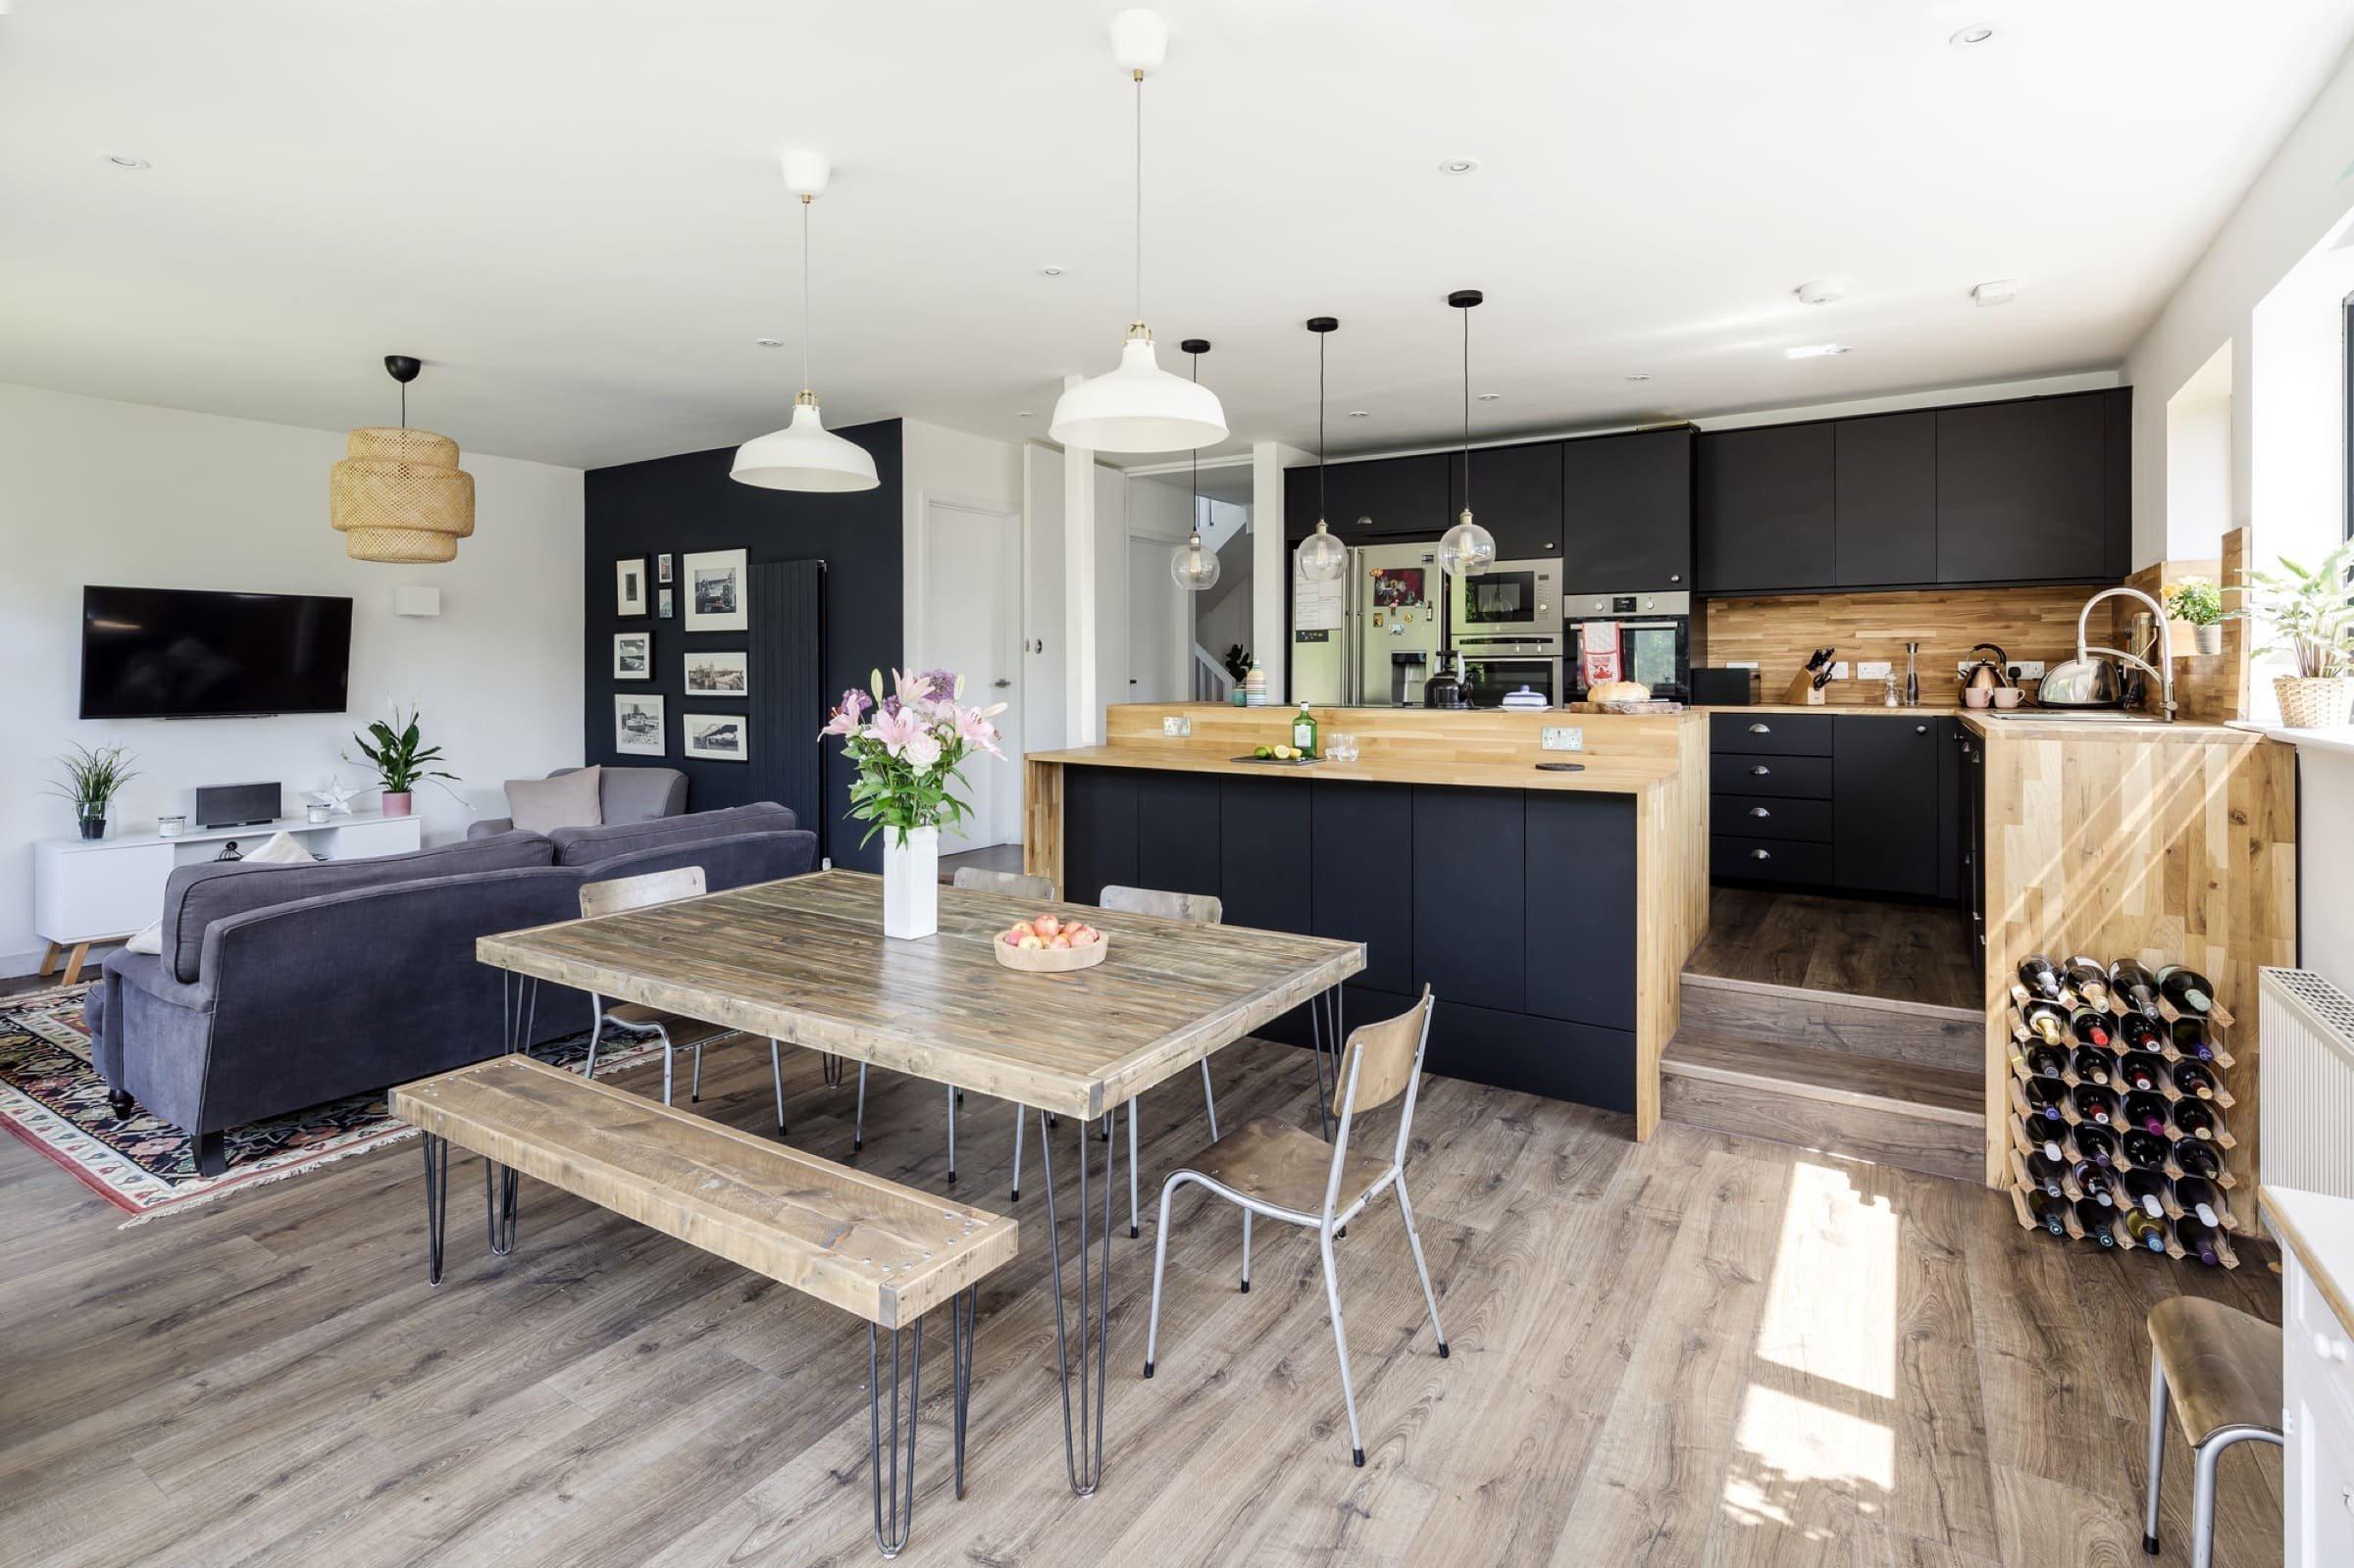 Bungalov ze šedesátých let nebyl pro rodinu se dvěma malými dětmi dostatečně prostorný ani praktický. O proměnu starého bungalovu ve městě Farnham v Anglii se postarali architekti ze studia Sketch Architects. Zrekonstruovali tmavé a stísněné bydlení a vytvořili tak útulný a světlý domov pro čtyřčlennou rodinu.